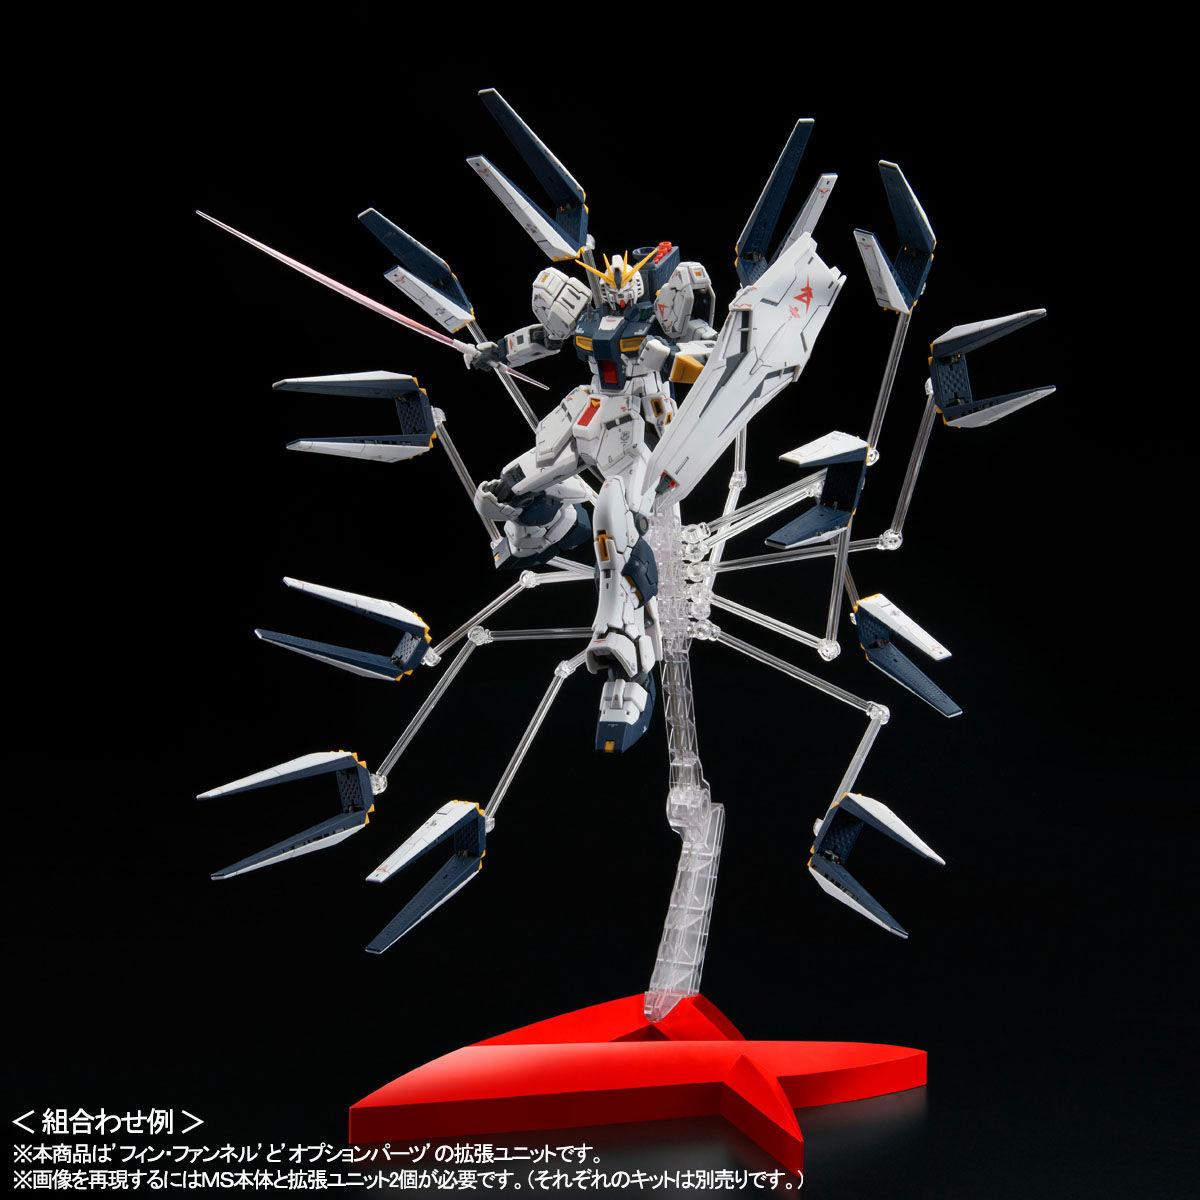 RG 1/144『νガンダム用ダブル・フィン・ファンネル拡張ユニット』逆襲のシャア プラモデル-008